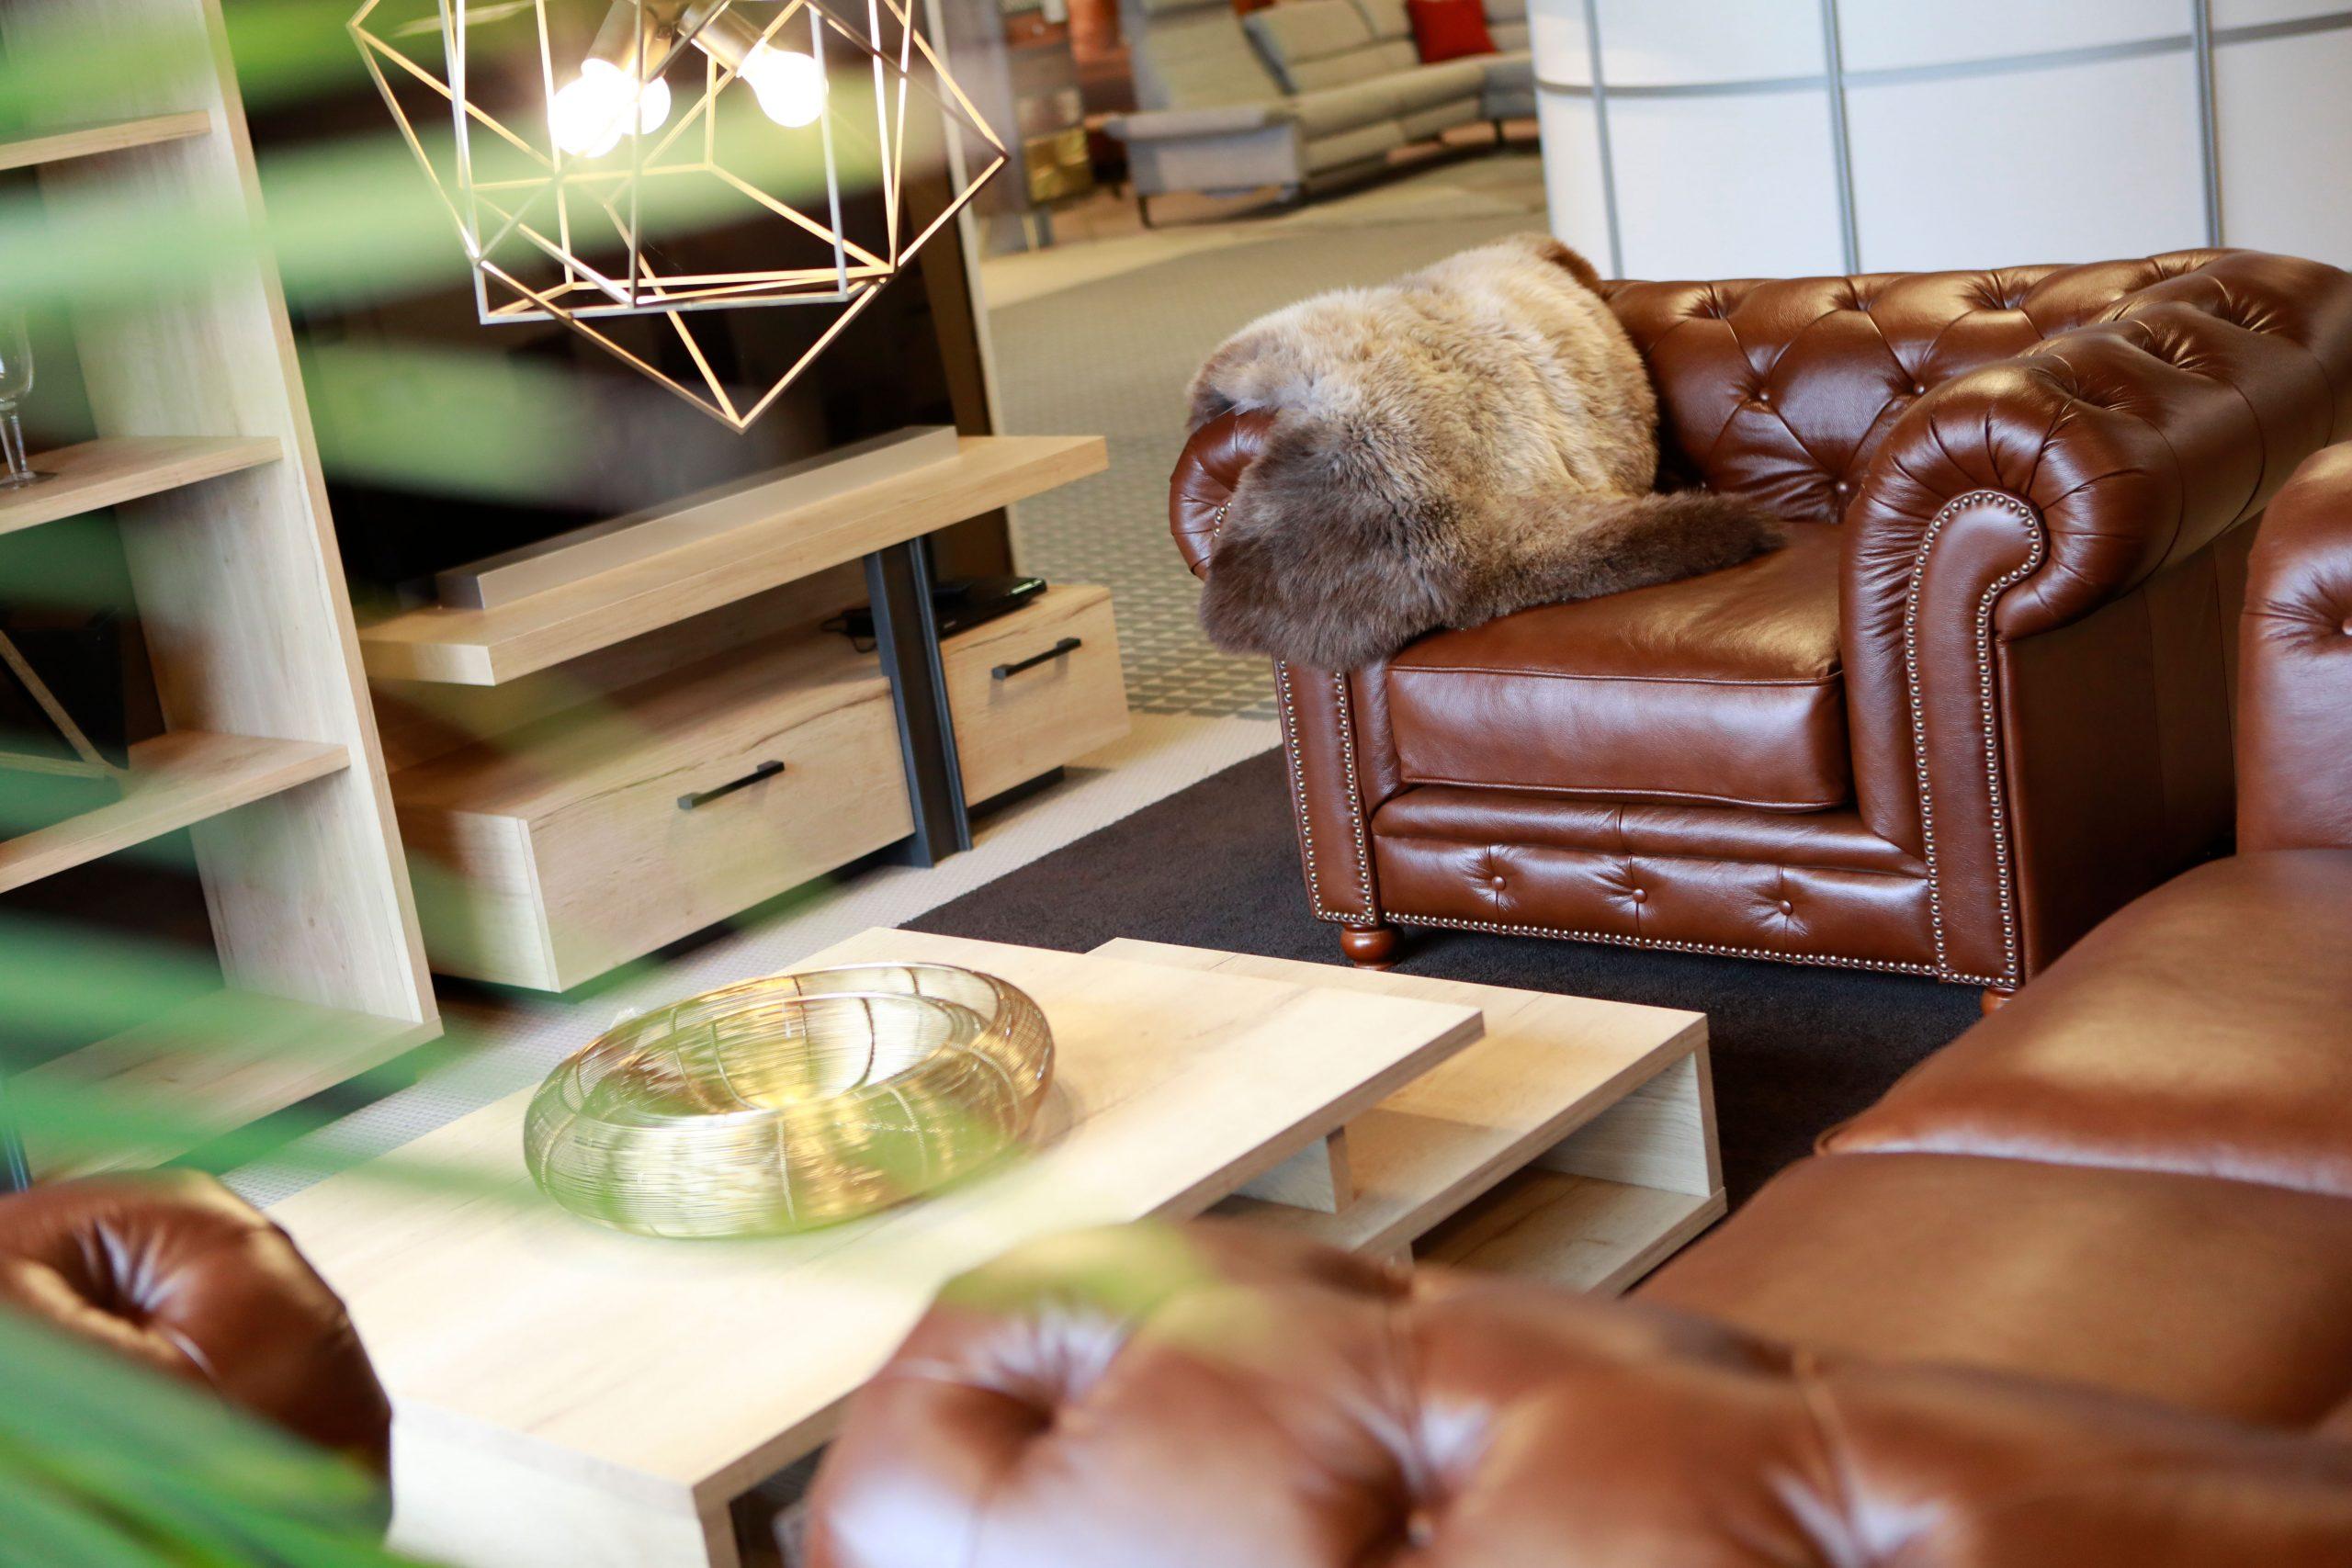 Ihr Wohnzimmer sollte ein Ort sein, an dem Sie sich wohlfühlen. Im m+t Einrichtungshaus finden Sie zum Beispiel exklusive Ledersessel und Ledersofas, die Ihr Wohnzimmer zu einem ganz besonderen Raum werden lassen..